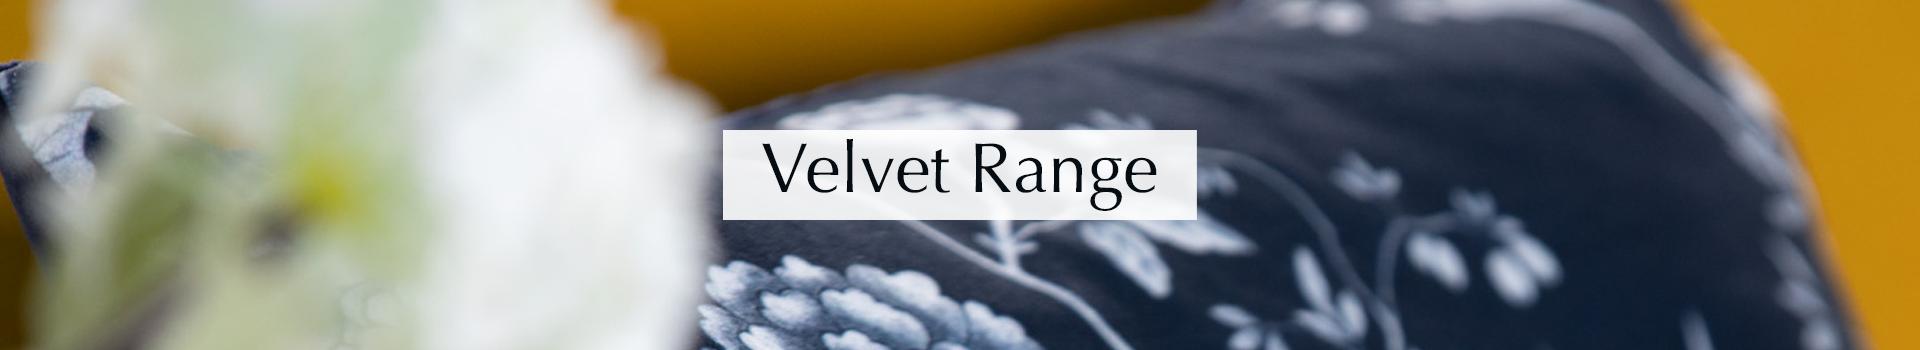 velvet-range-category-banner-celina-digby.png